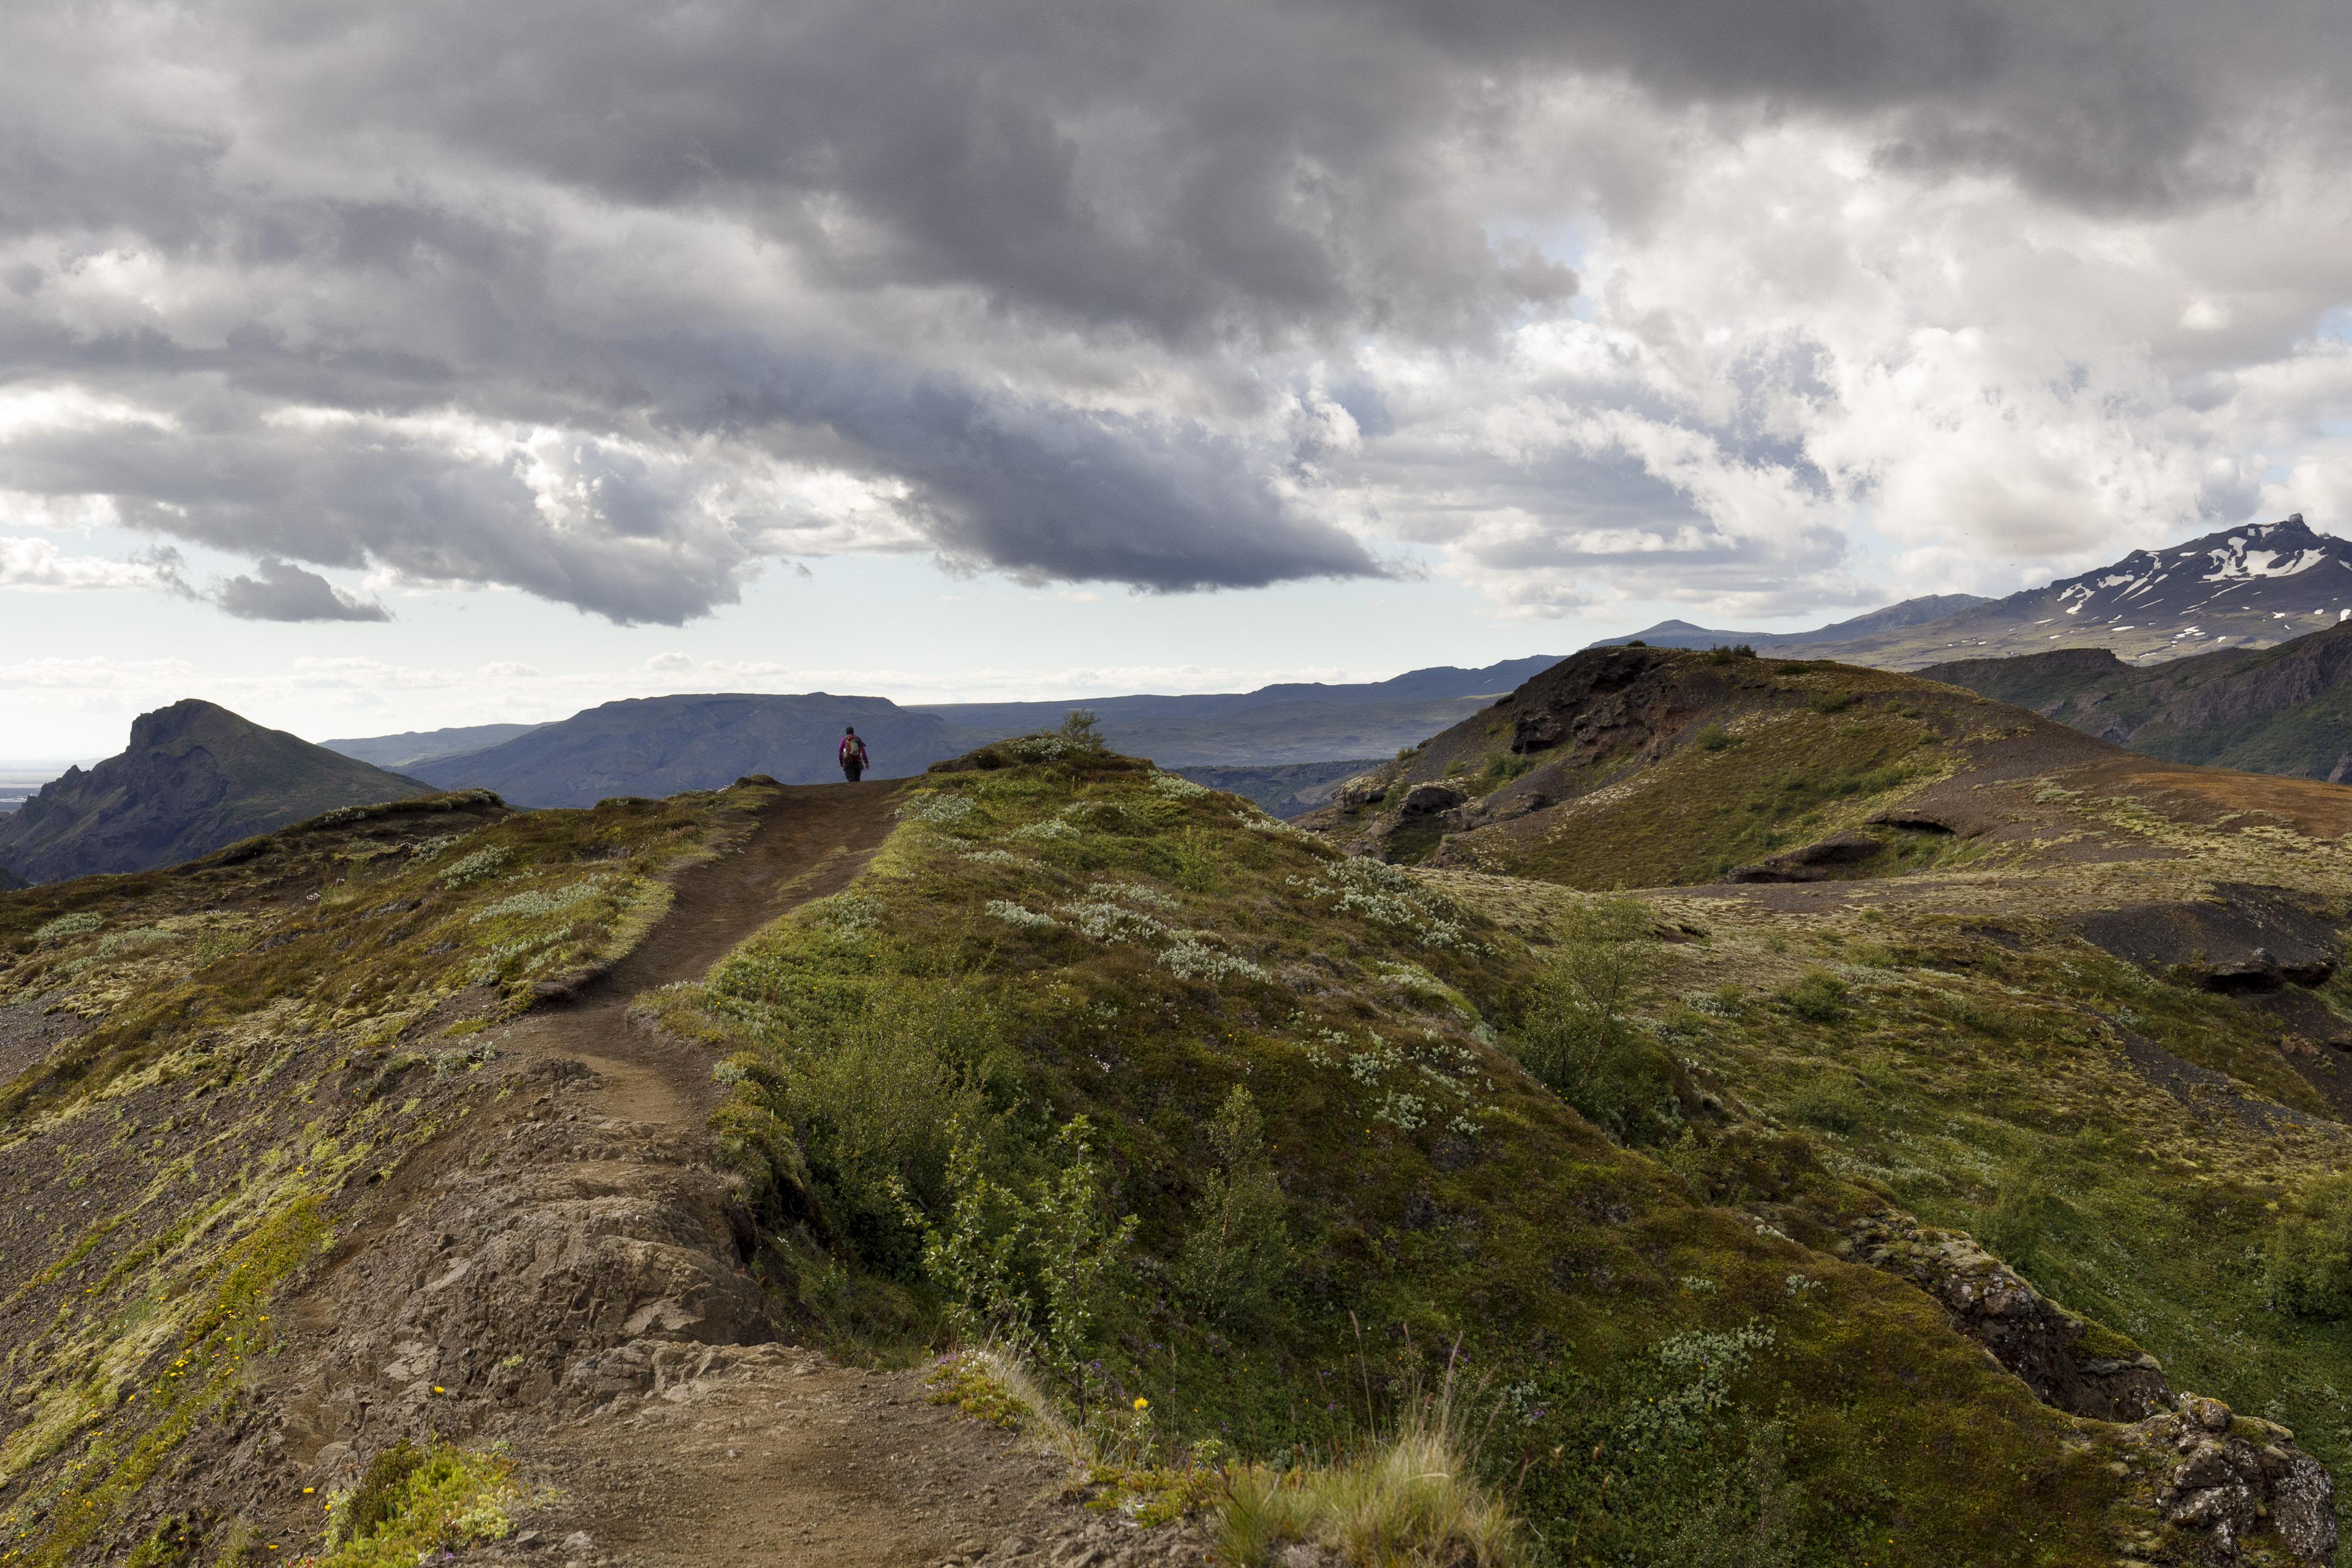 Der Weg verläuft auf dem Grat,©Markus Proske—Canon EOS 5D Mark IV, EF16-35mm f/4L IS USM, 35mm, 1/250s, Blende 8, ISO 400